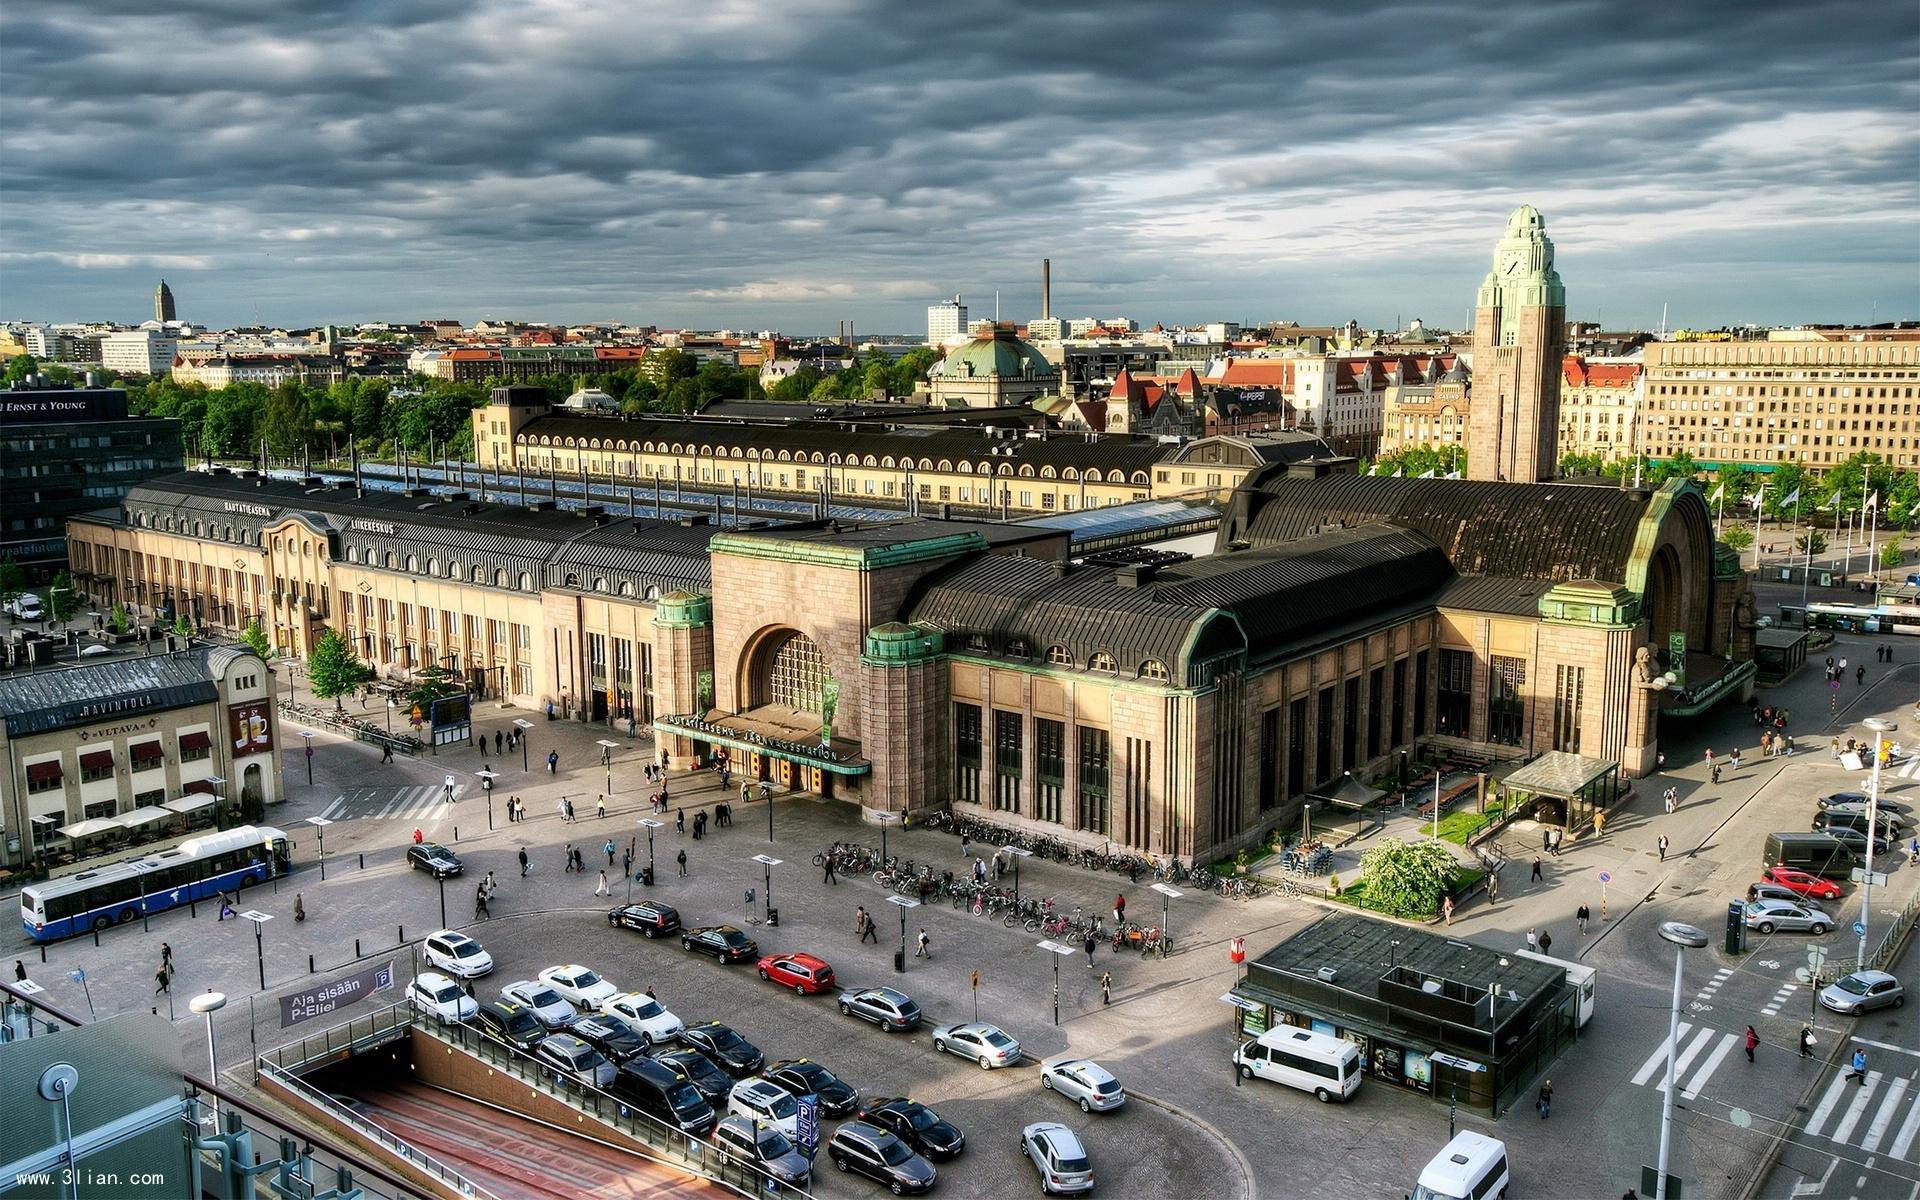 【芬兰】驻足芬兰,静享赫尔辛基咖啡慢时光